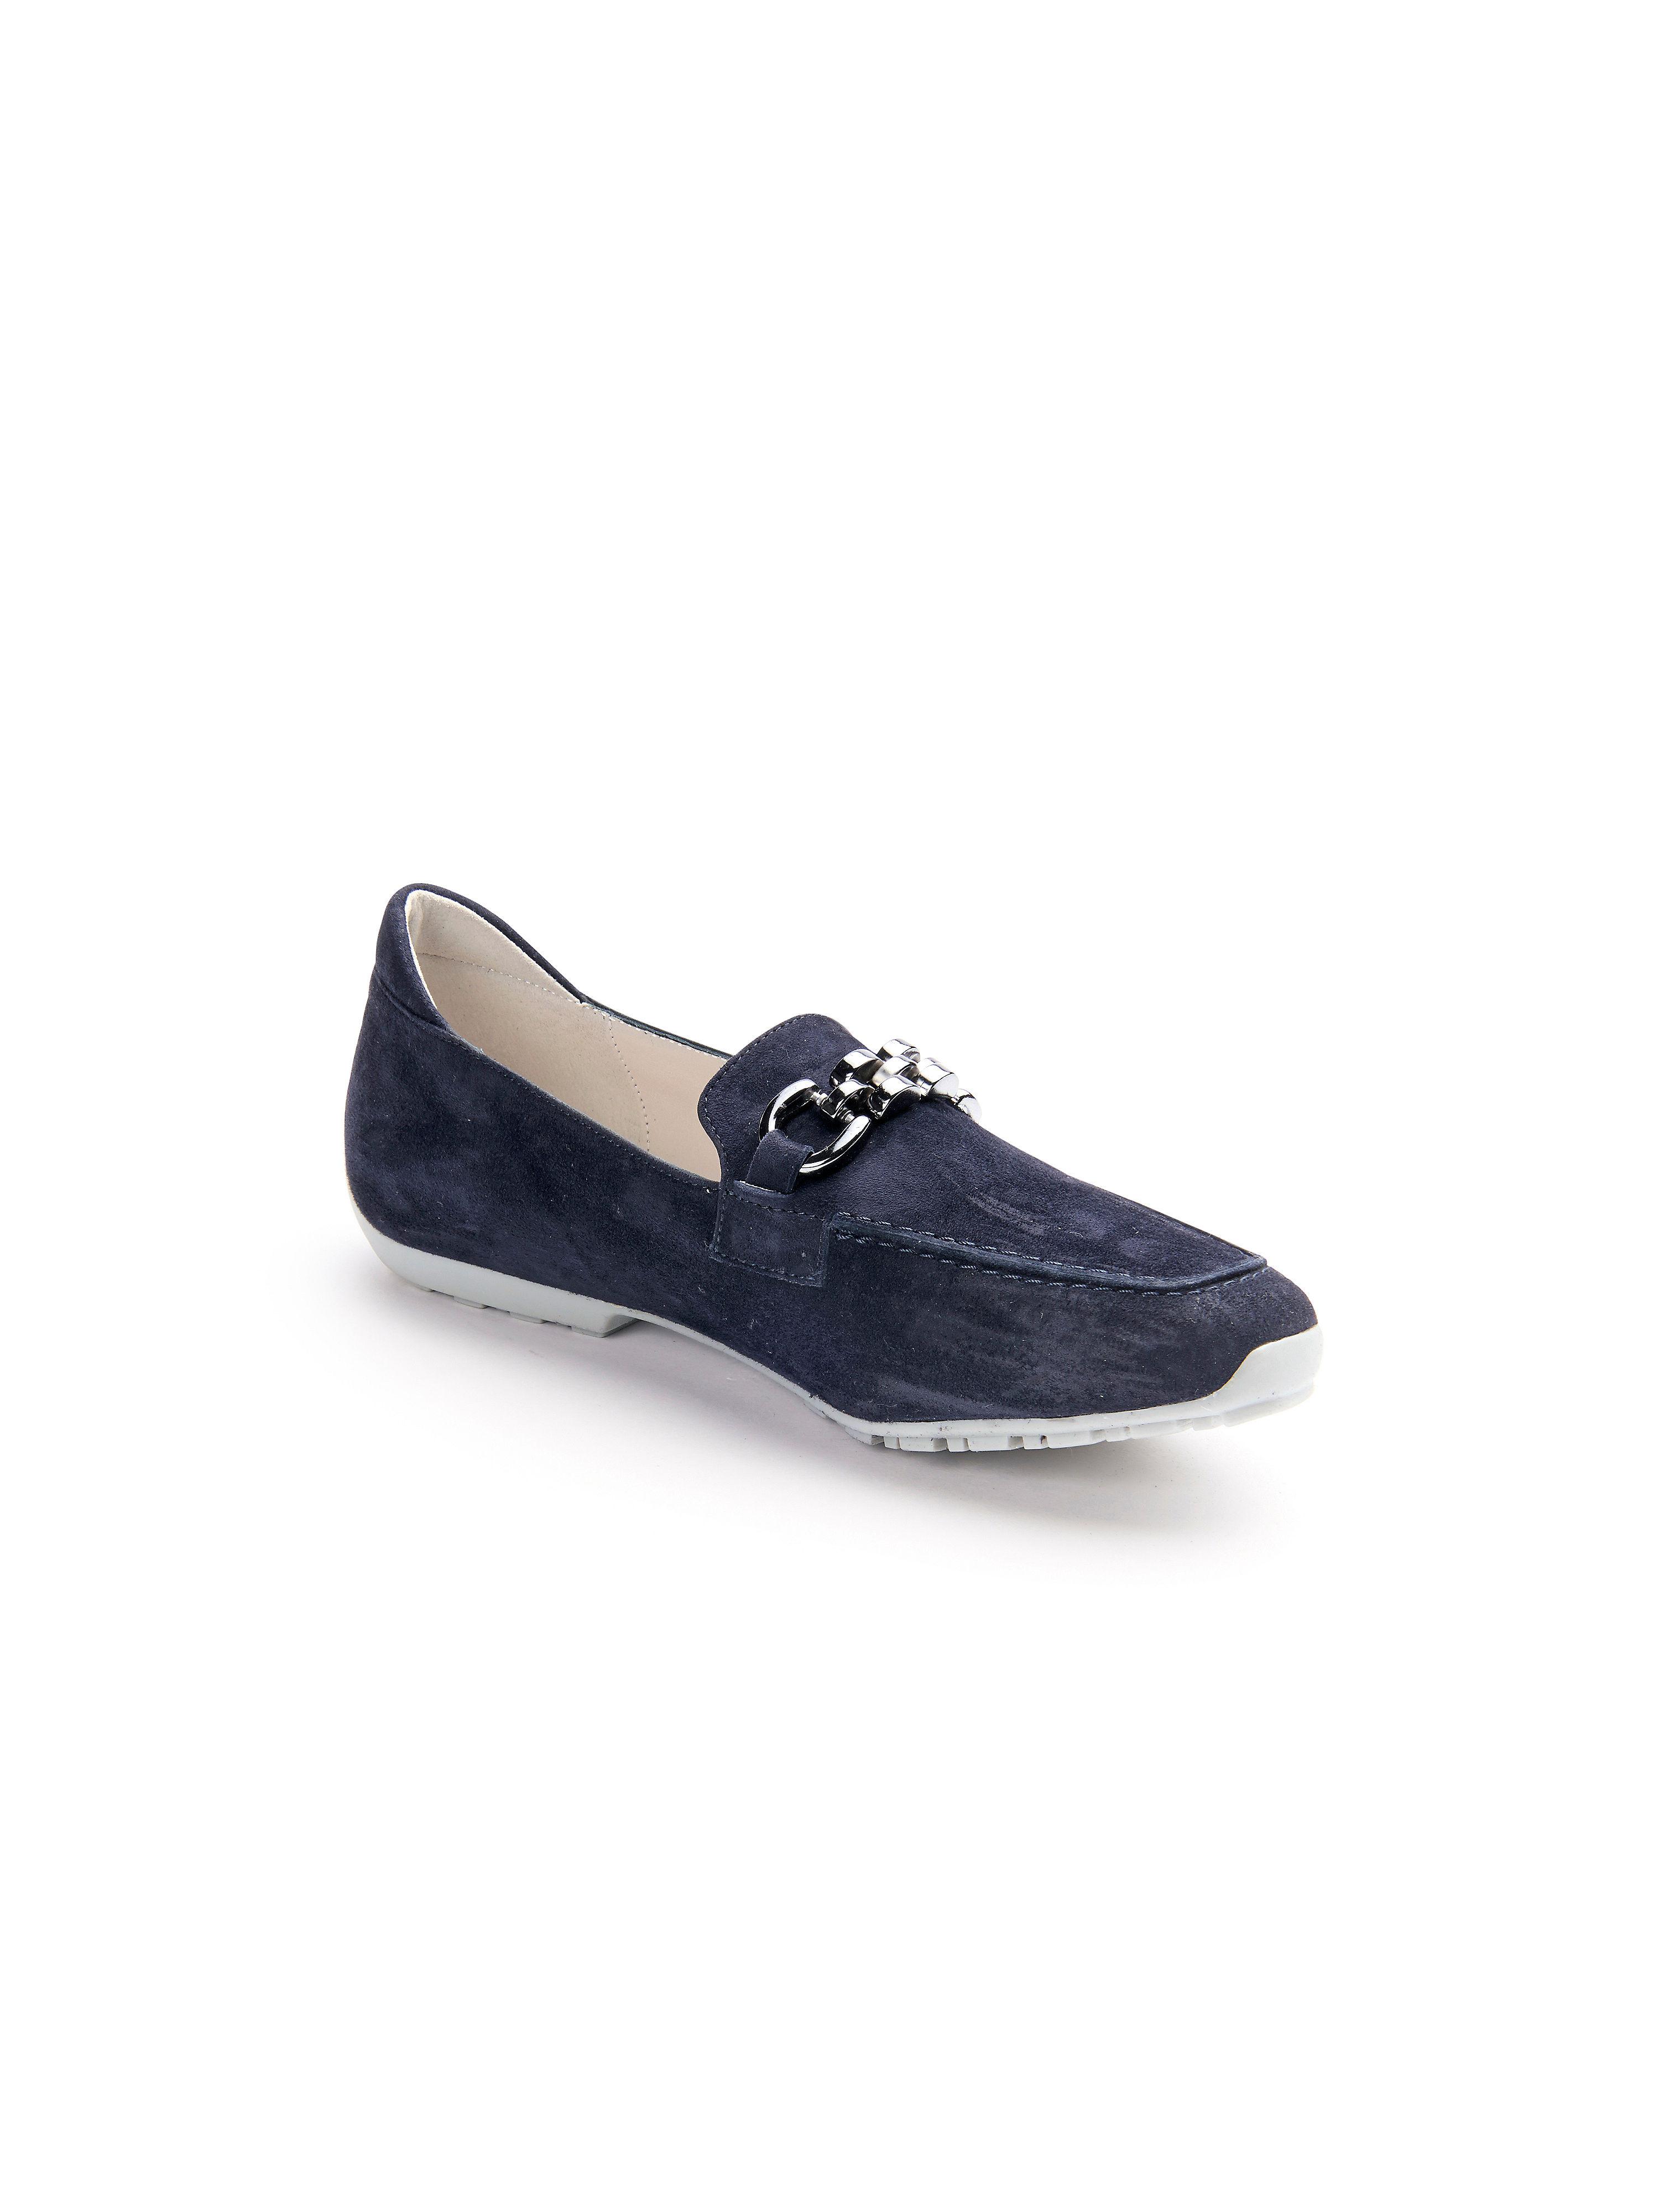 Scarpio - Slipper - Marine Gute Qualität beliebte Schuhe